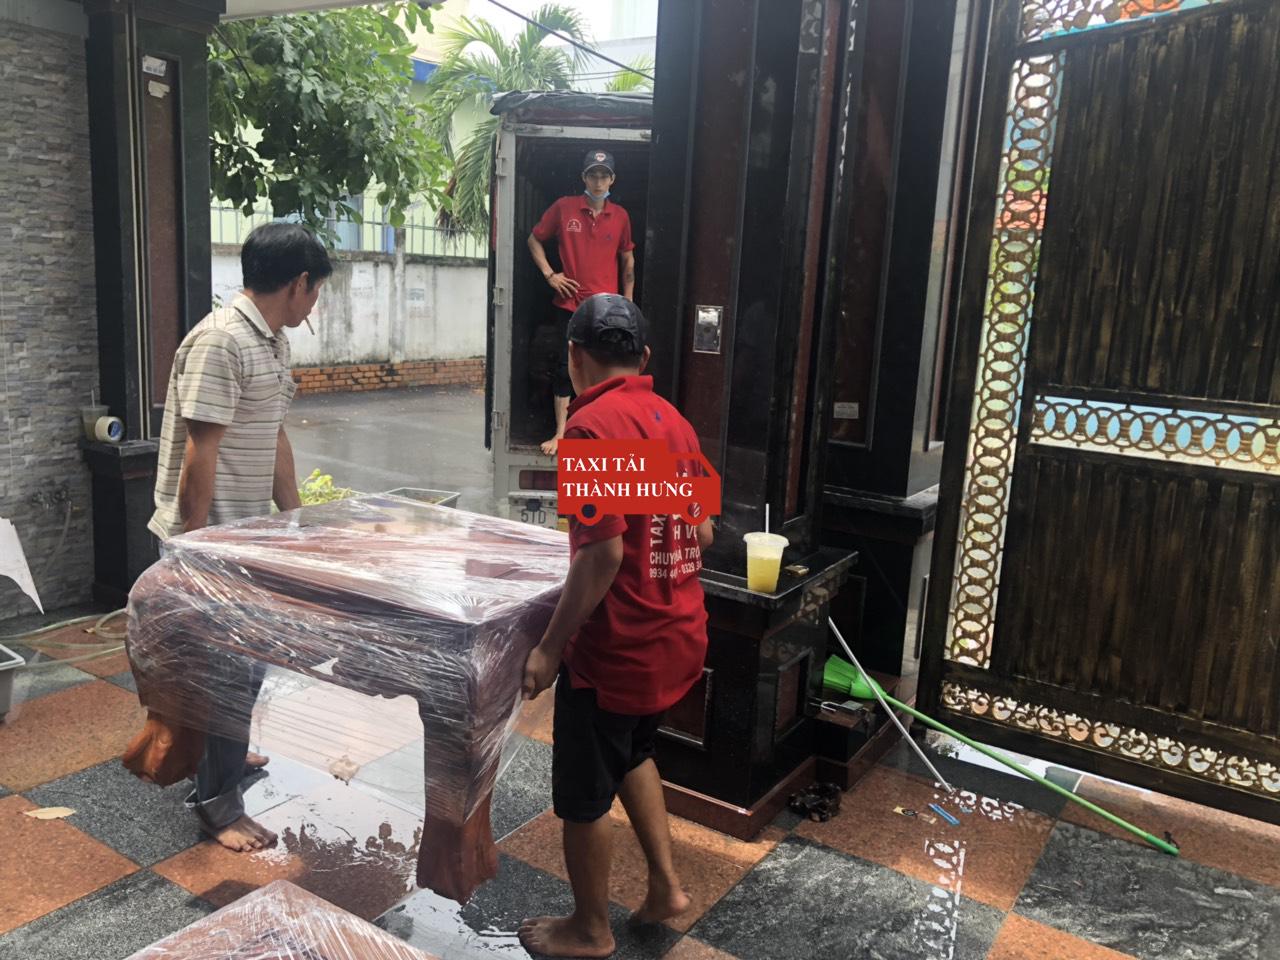 chuyển nhà thành hưng,Taxi tải Thành Hưng chuyển đồ nhanh quận 11